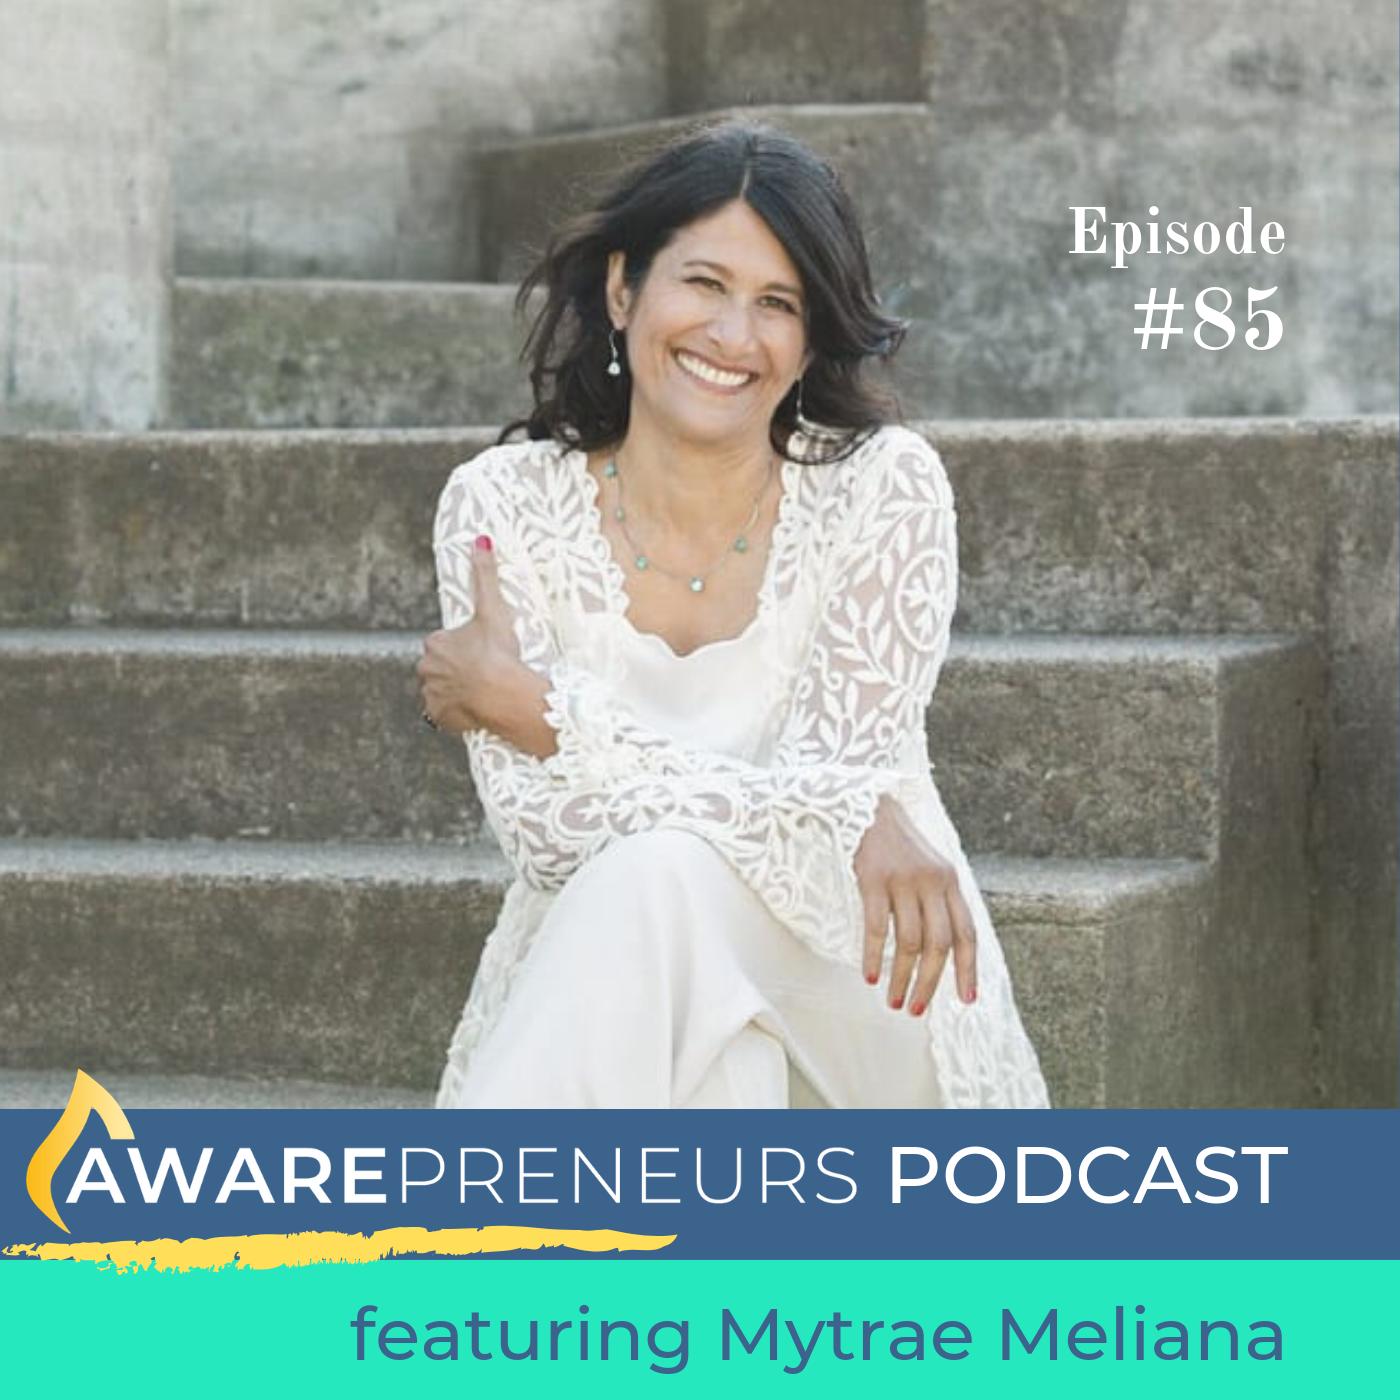 Mytrae Meliana sound healing